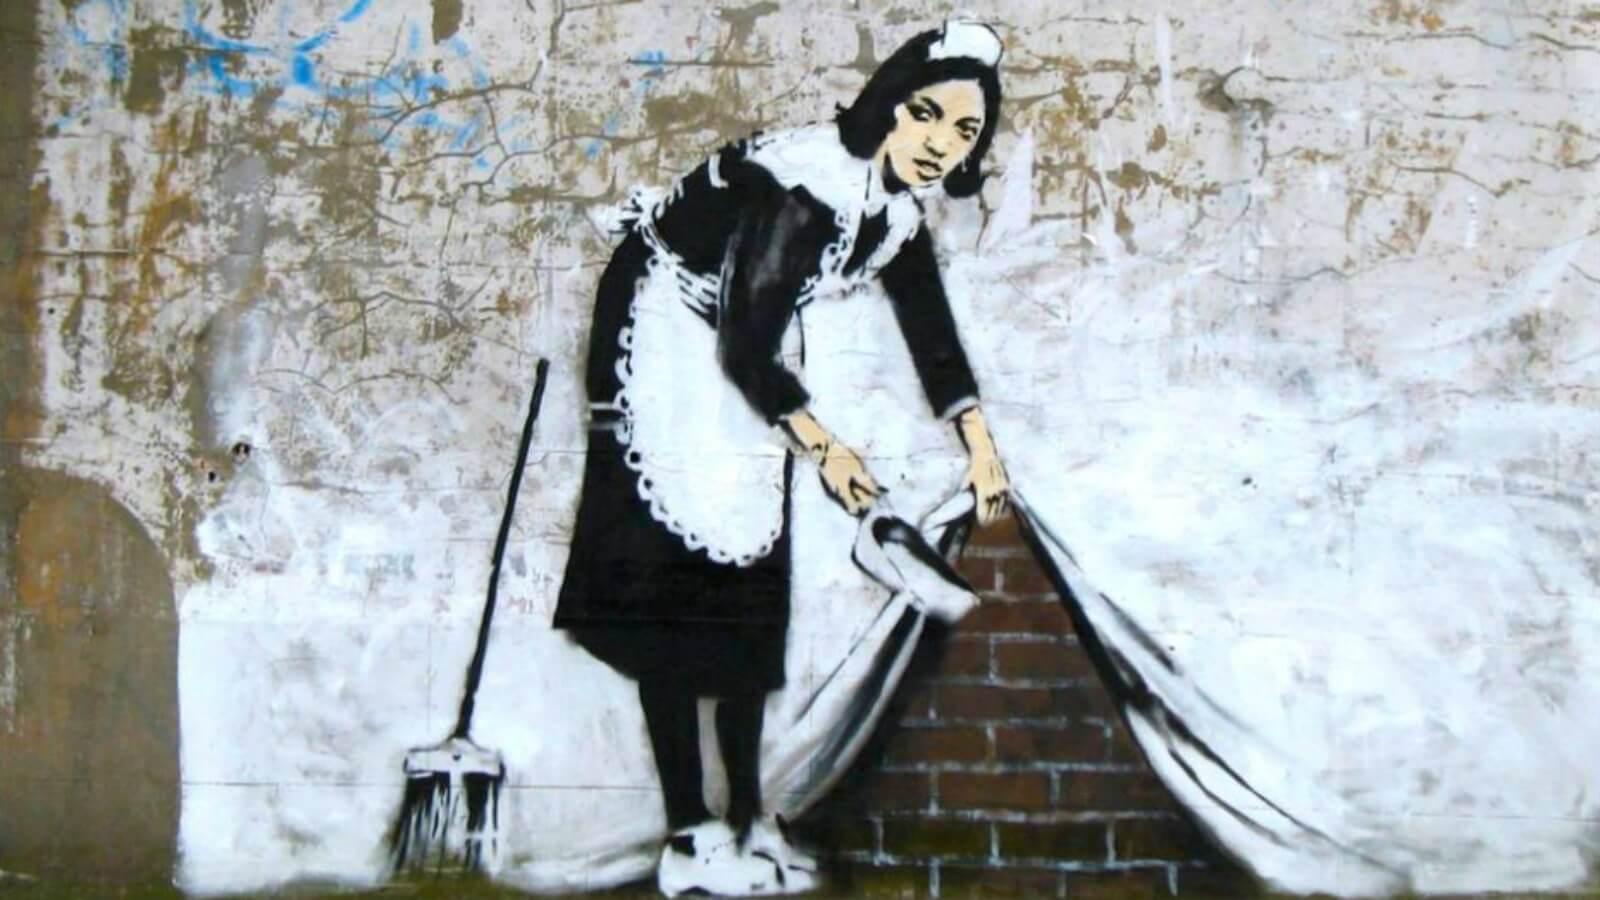 Obras de Banksy, Warhol y Shepard Fairey en subasta en Los Ángeles